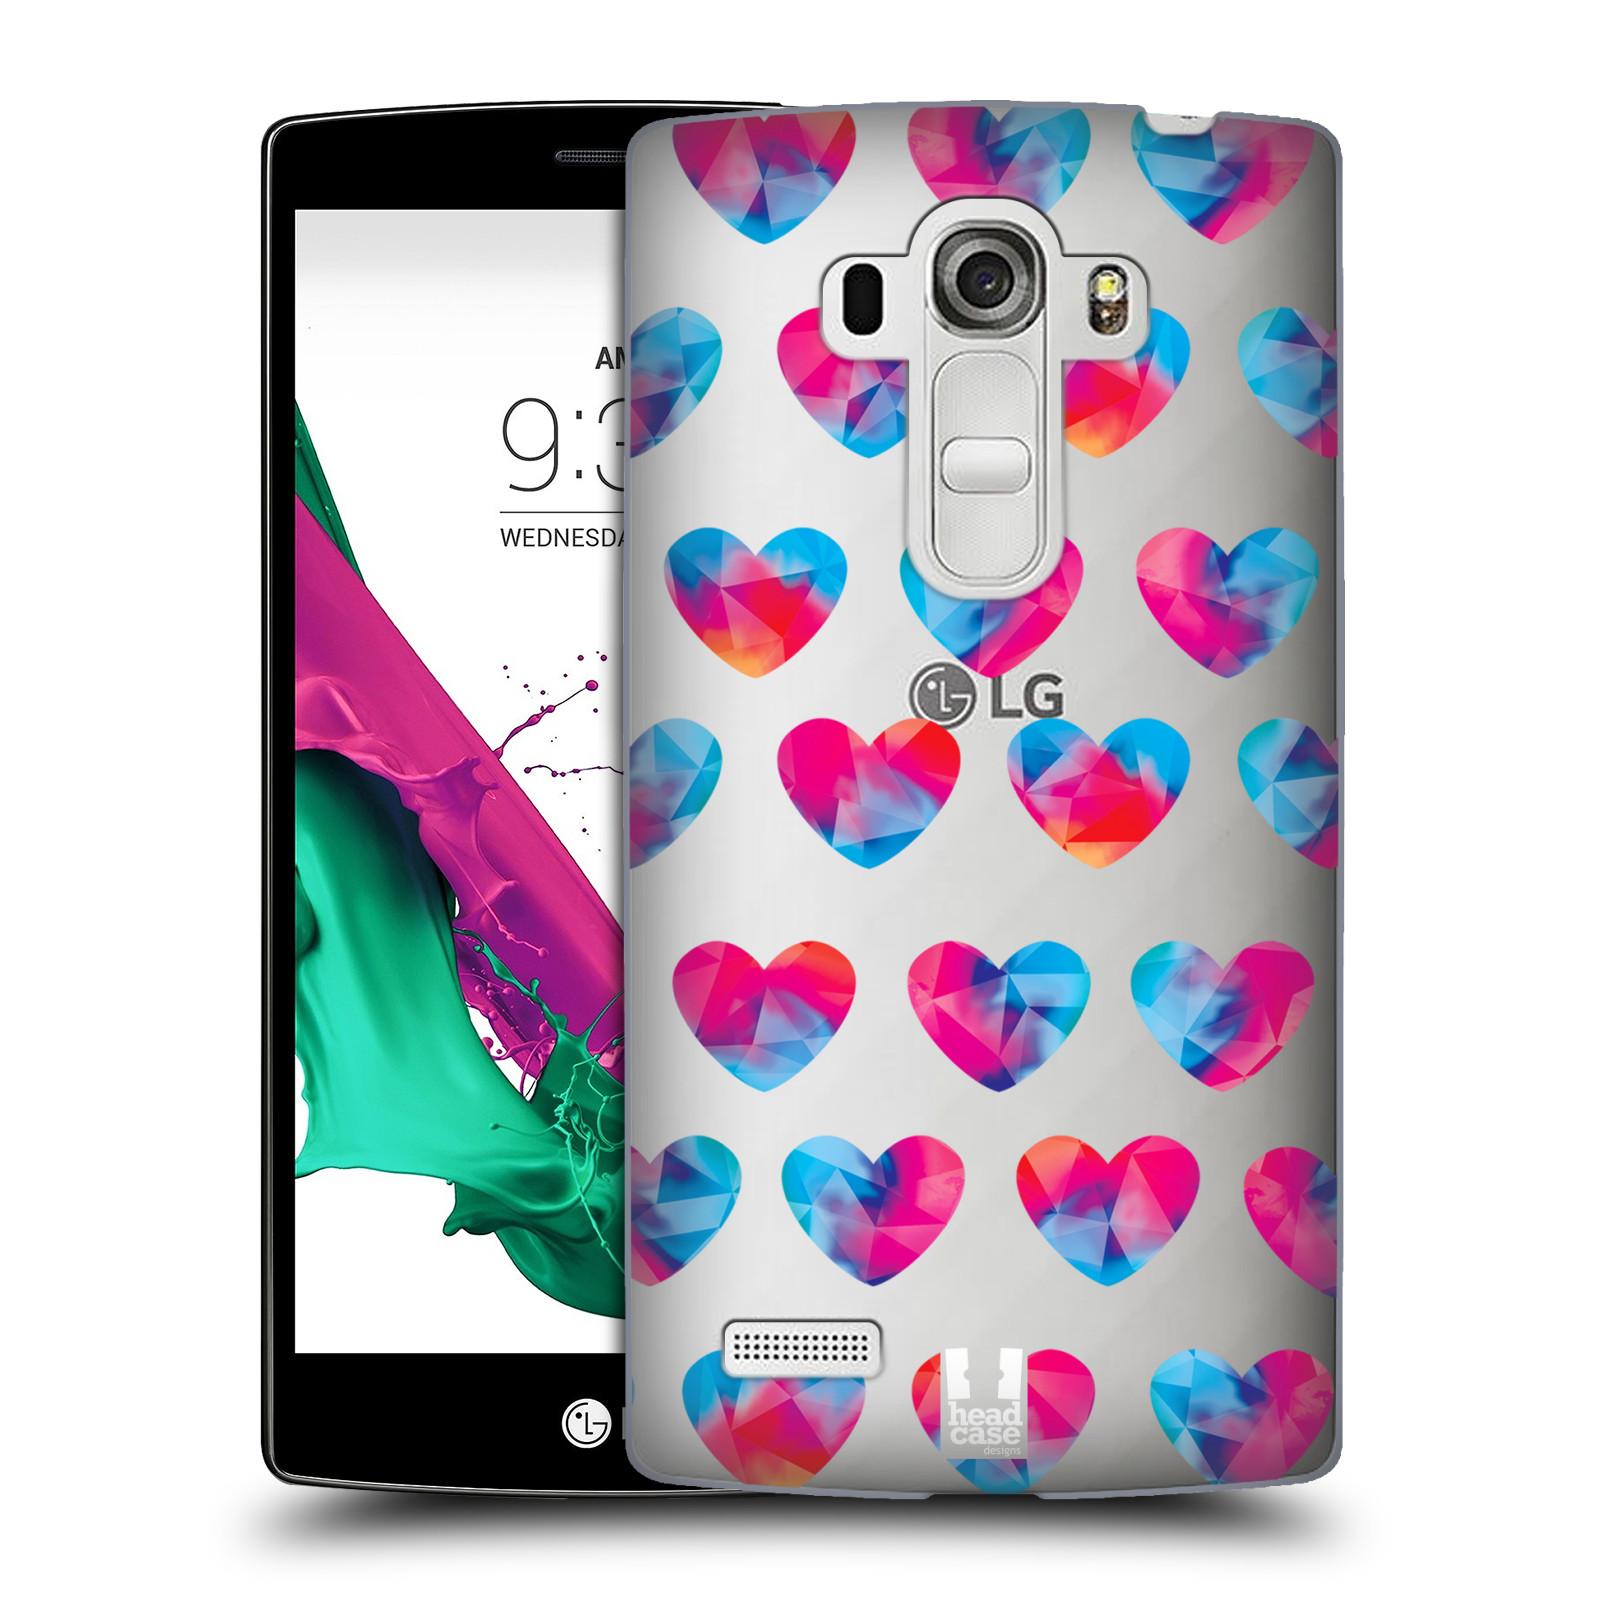 Plastové pouzdro na mobil LG G4s - Head Case - Srdíčka hrající barvami